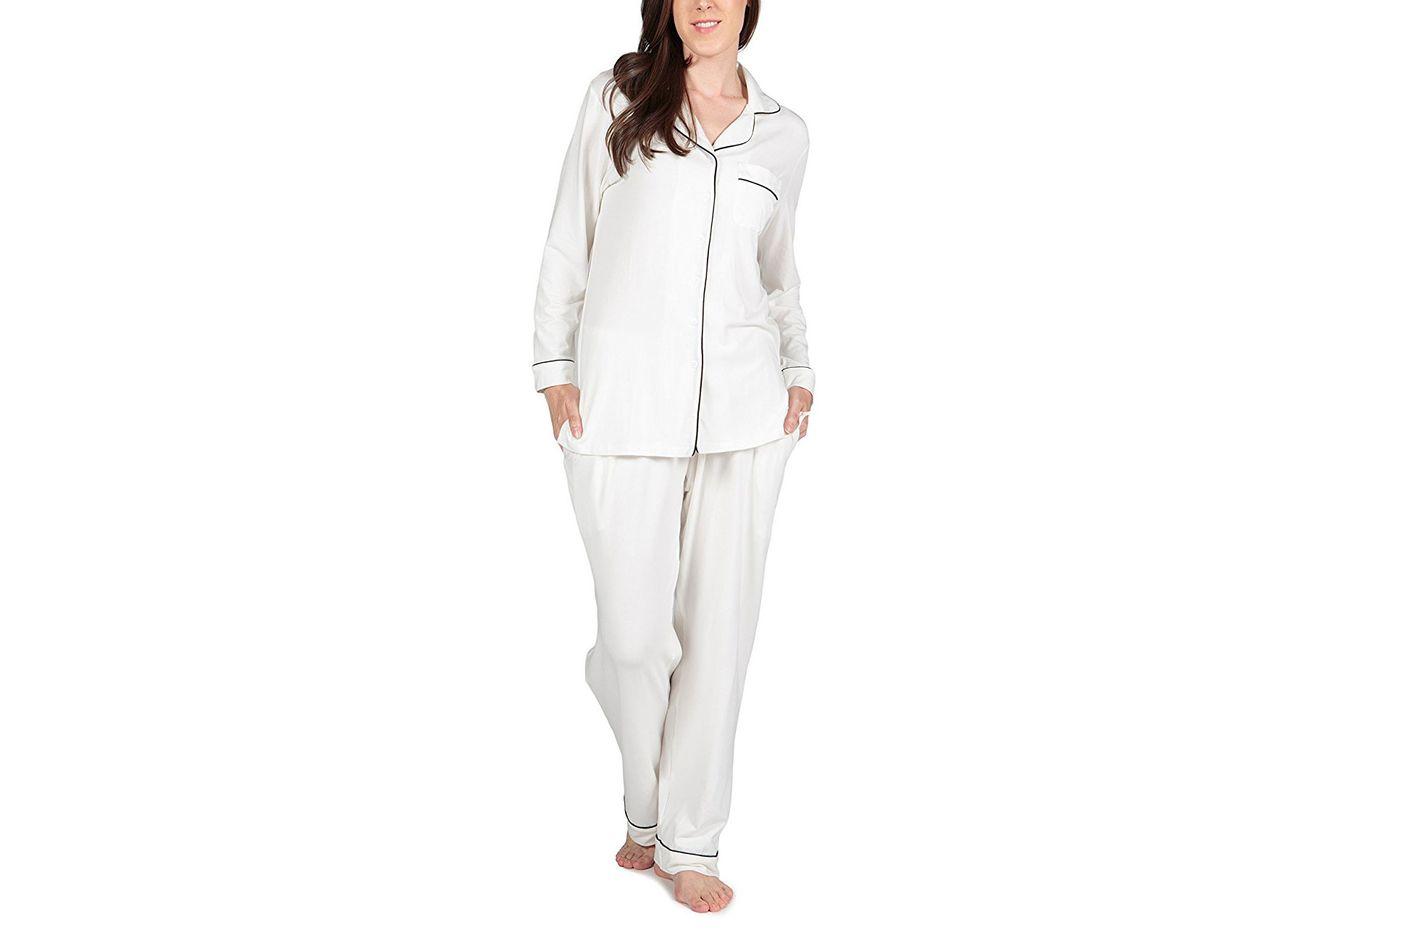 Women's Pajama Set — Button-Up Pajama Sleepwear Set